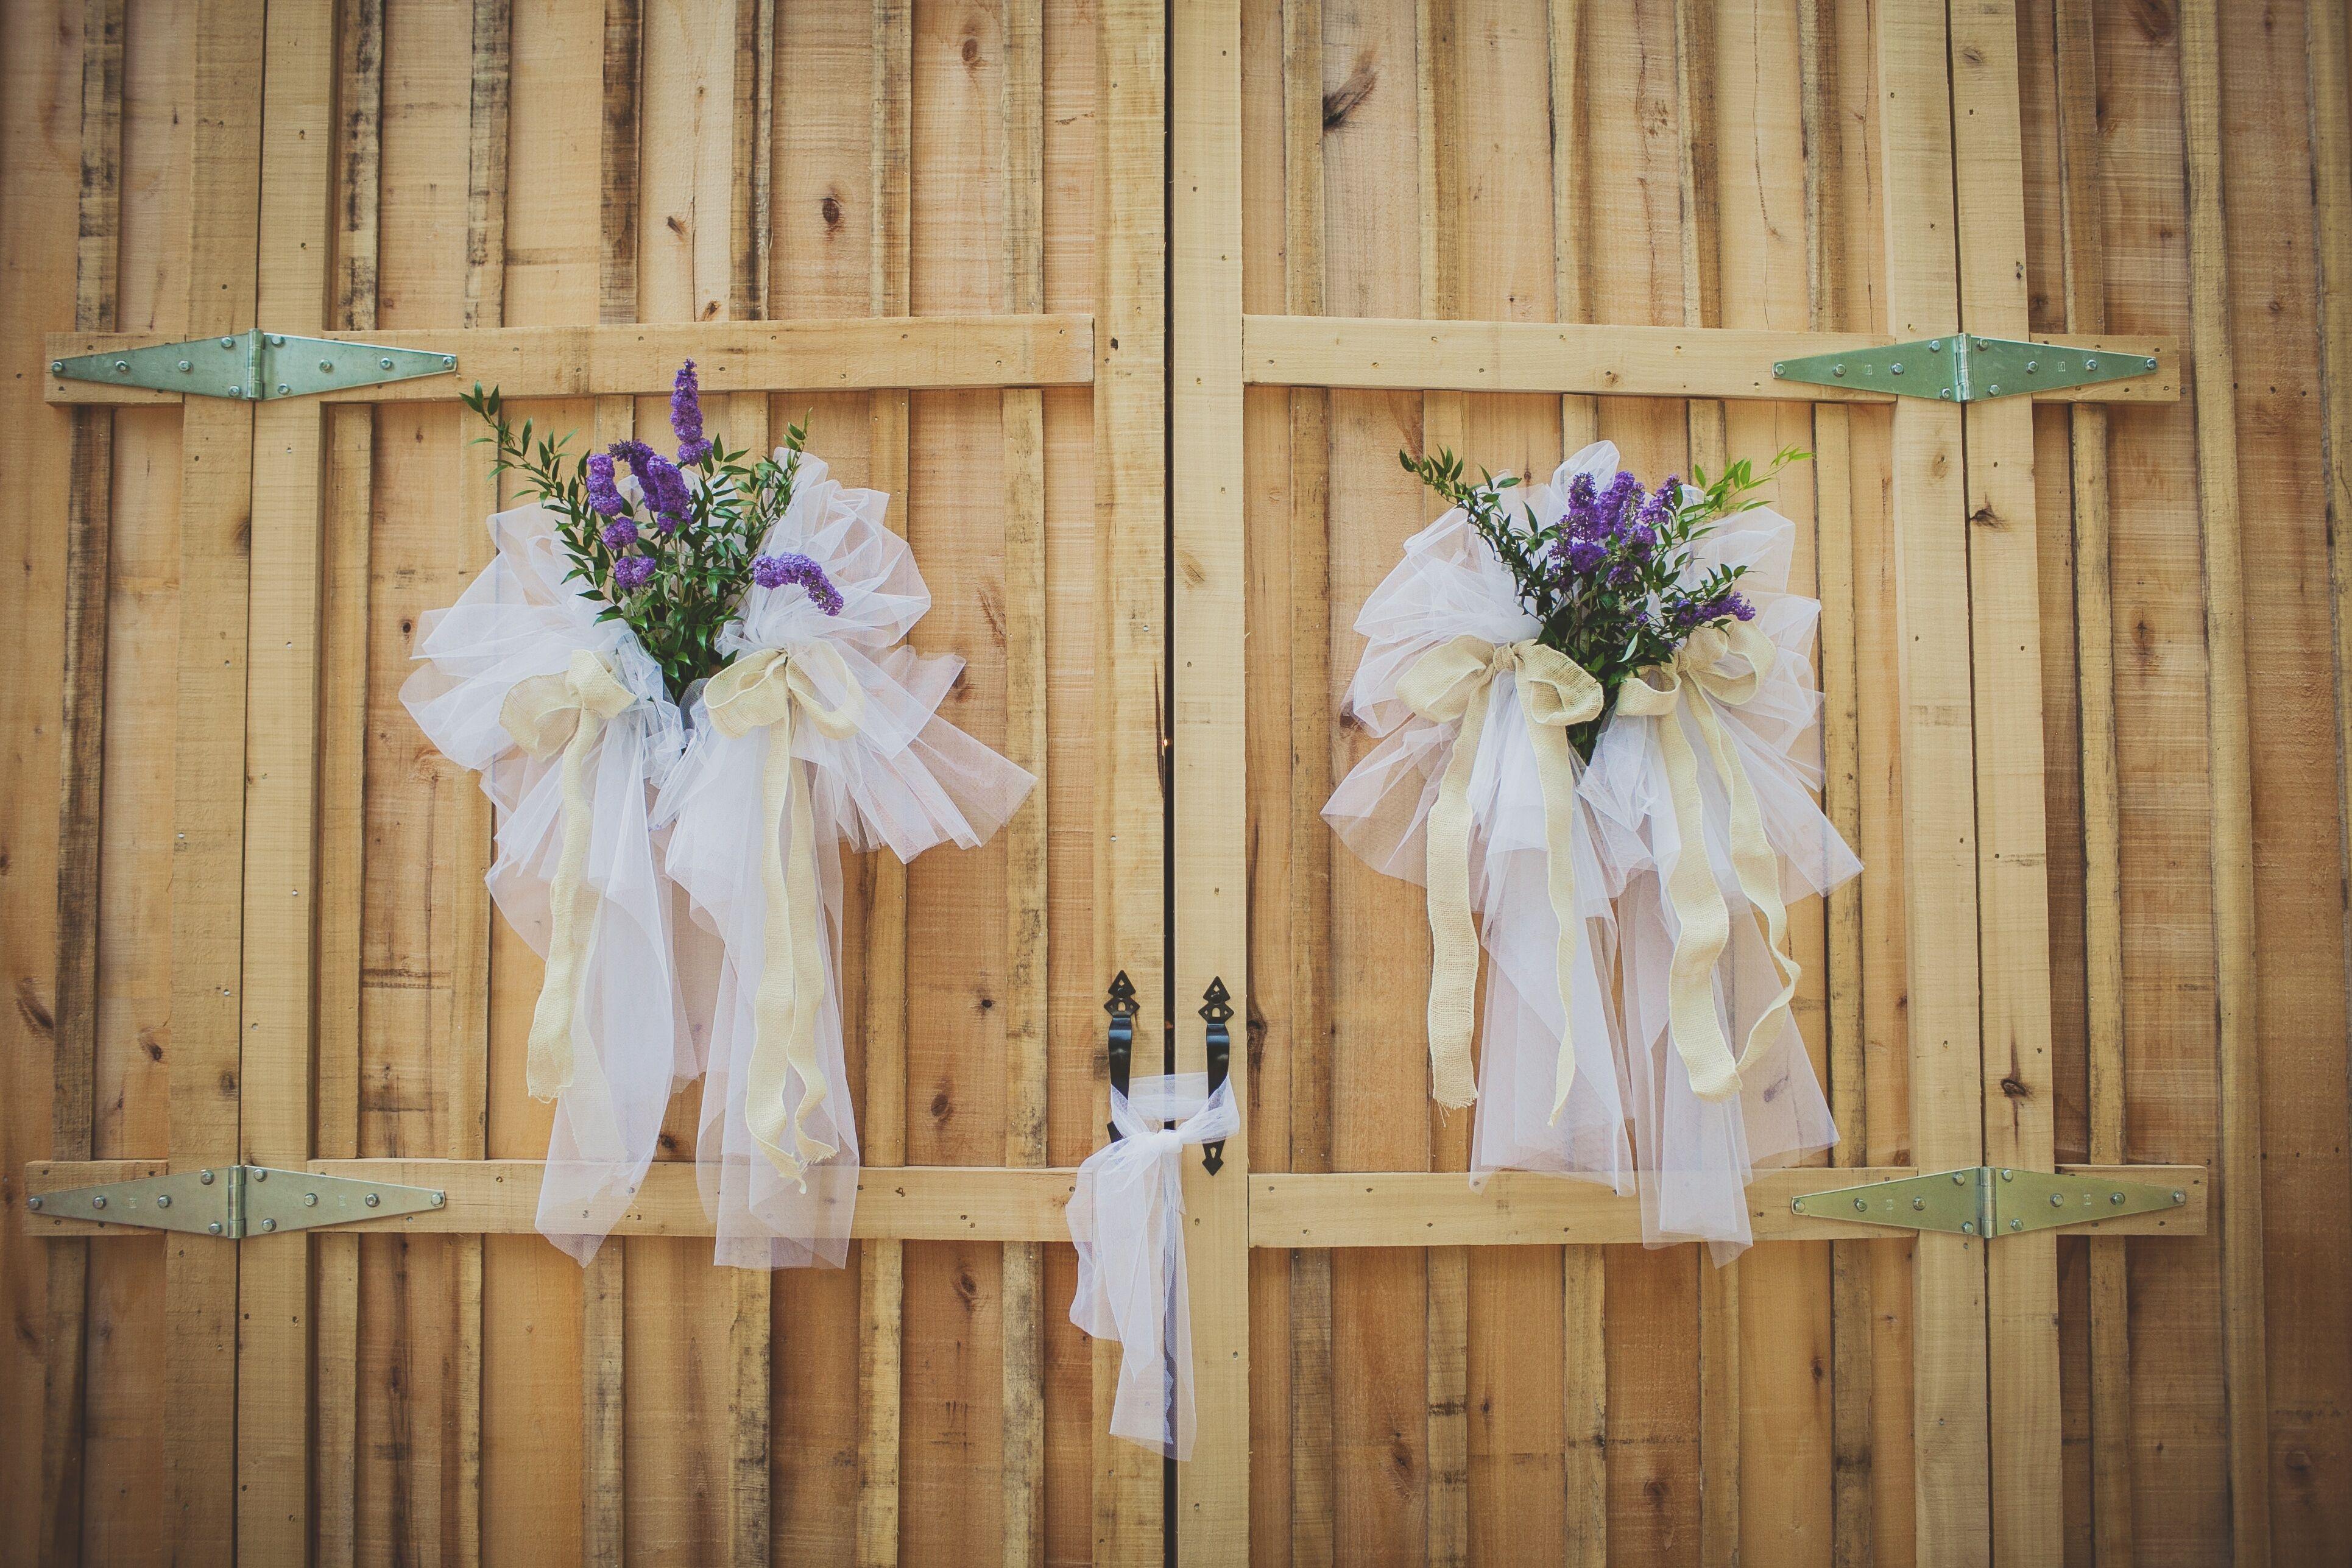 Mesh barn door decorations for Barn door decorating ideas